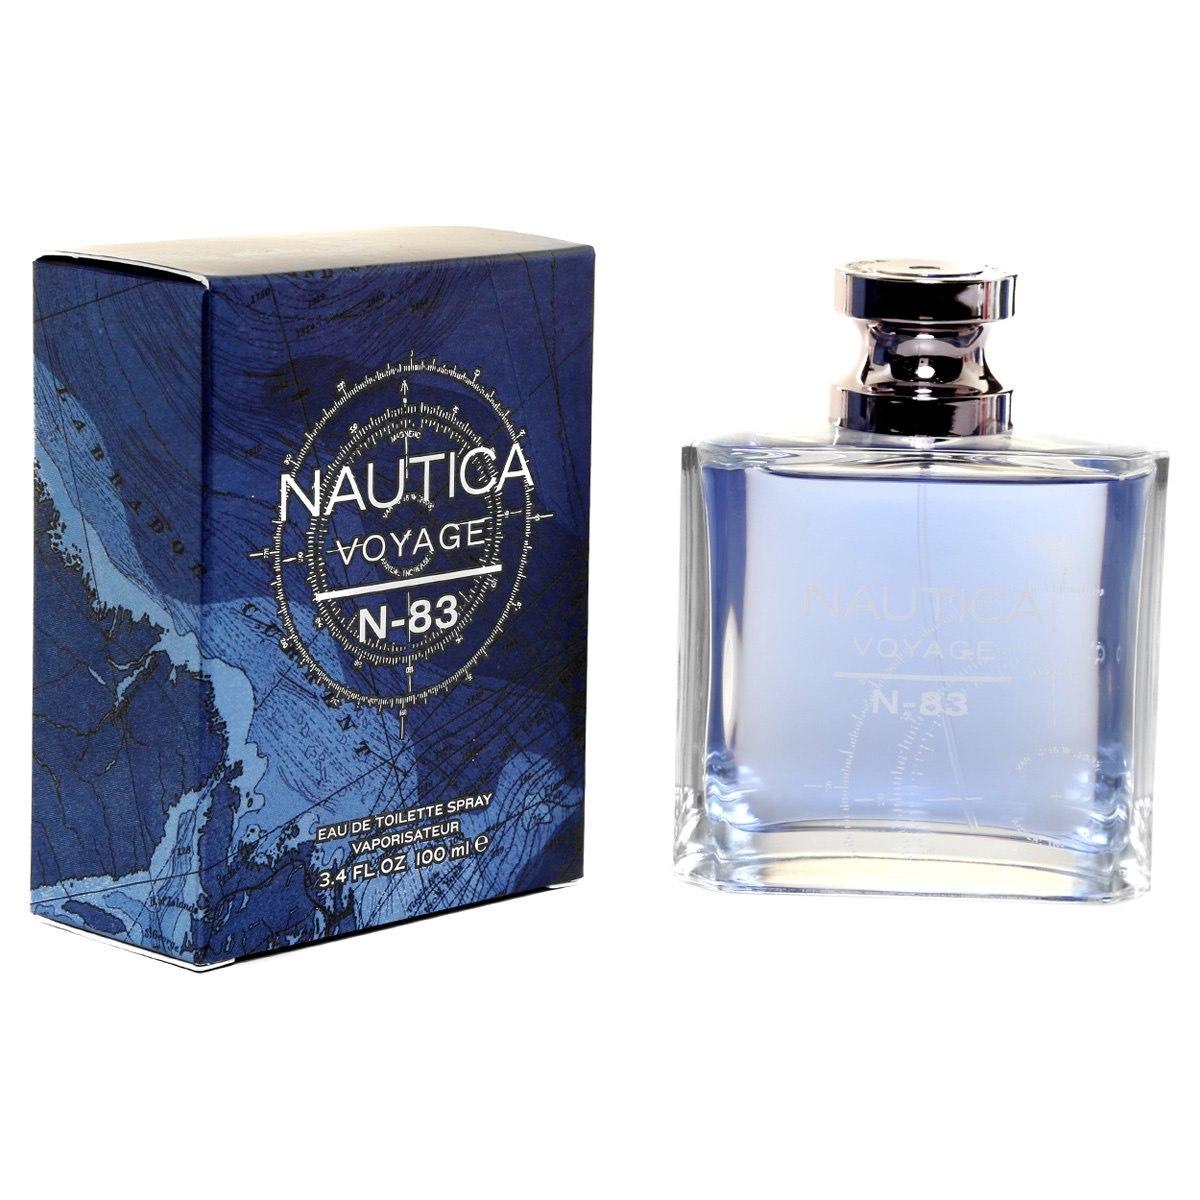 Netshoes: Perfume Nautica Voyage N83 Edt 100 ml - Azul y Plata